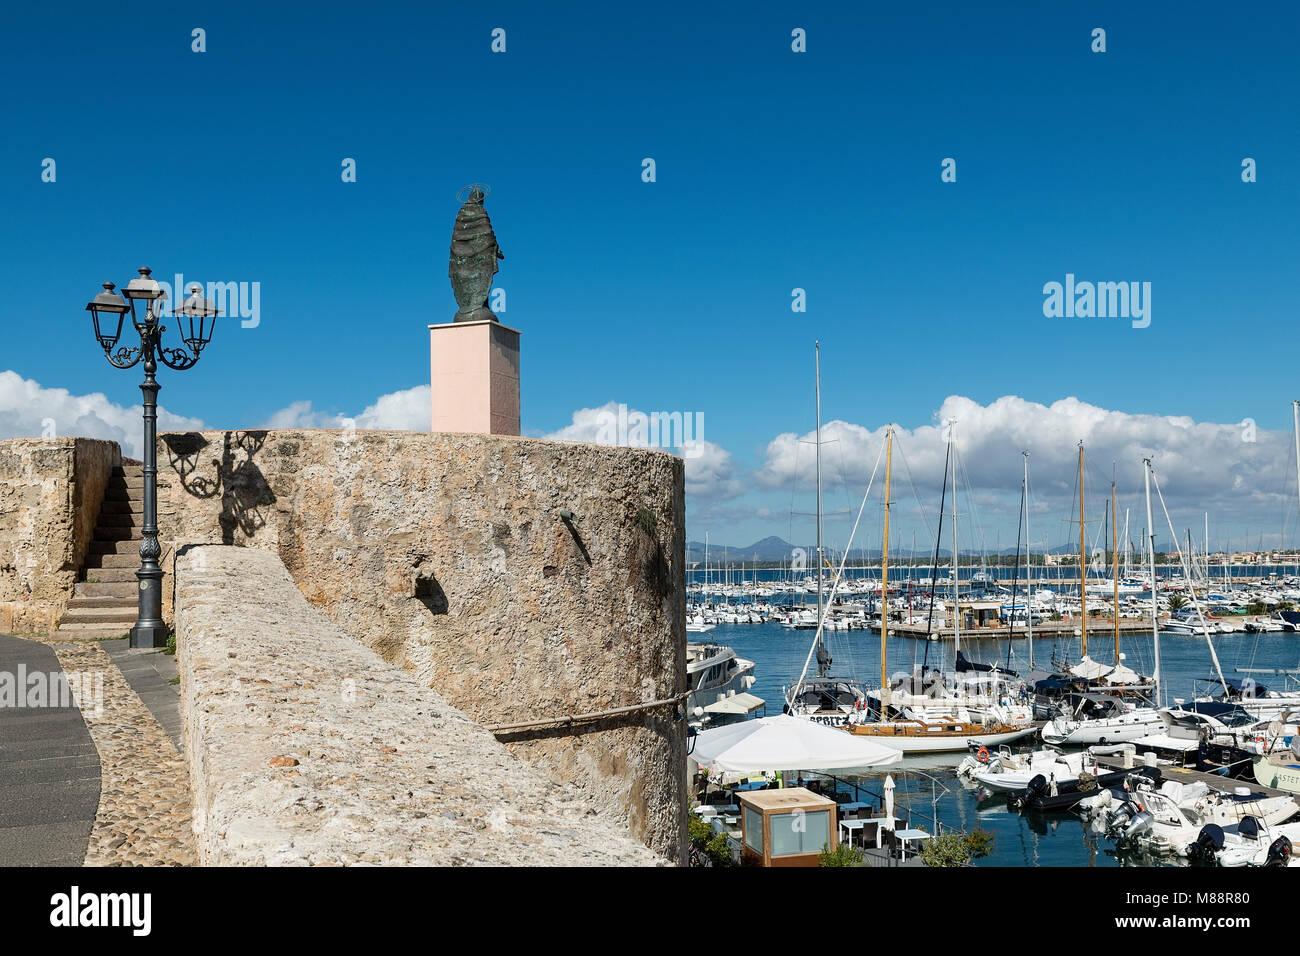 Imbarcazioni del porto di Alghero, Sardegna, Italia Immagini Stock